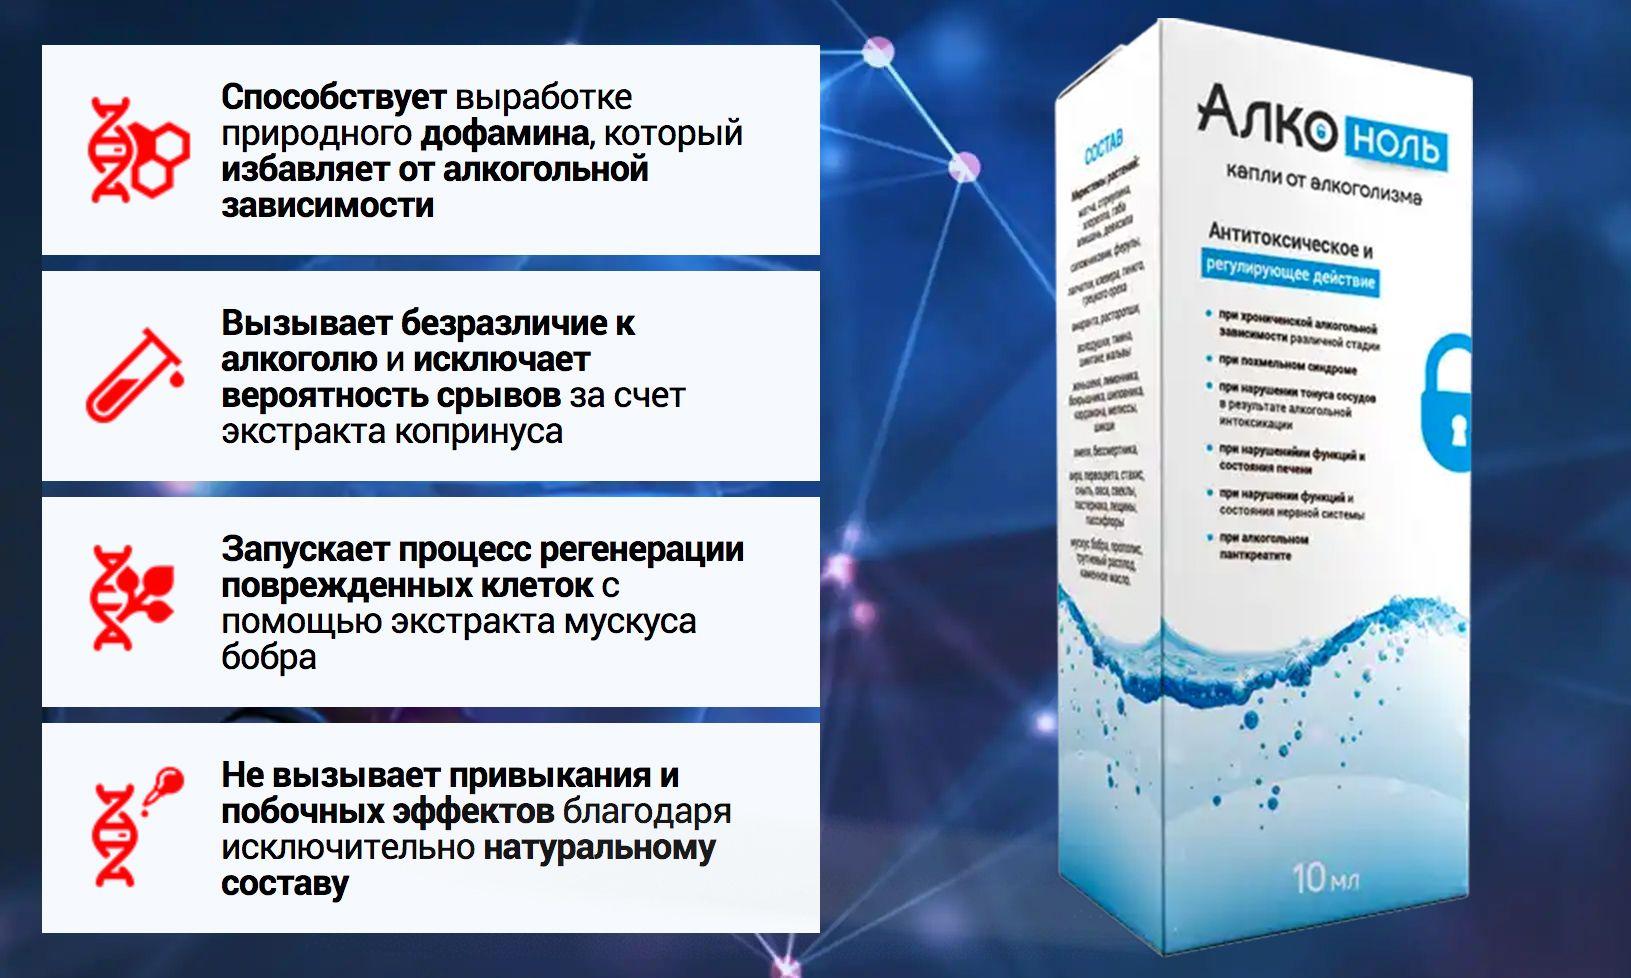 АЛКОНОЛЬ - эффективное и безопасное средство для борьбы с алкоголизмом свойства